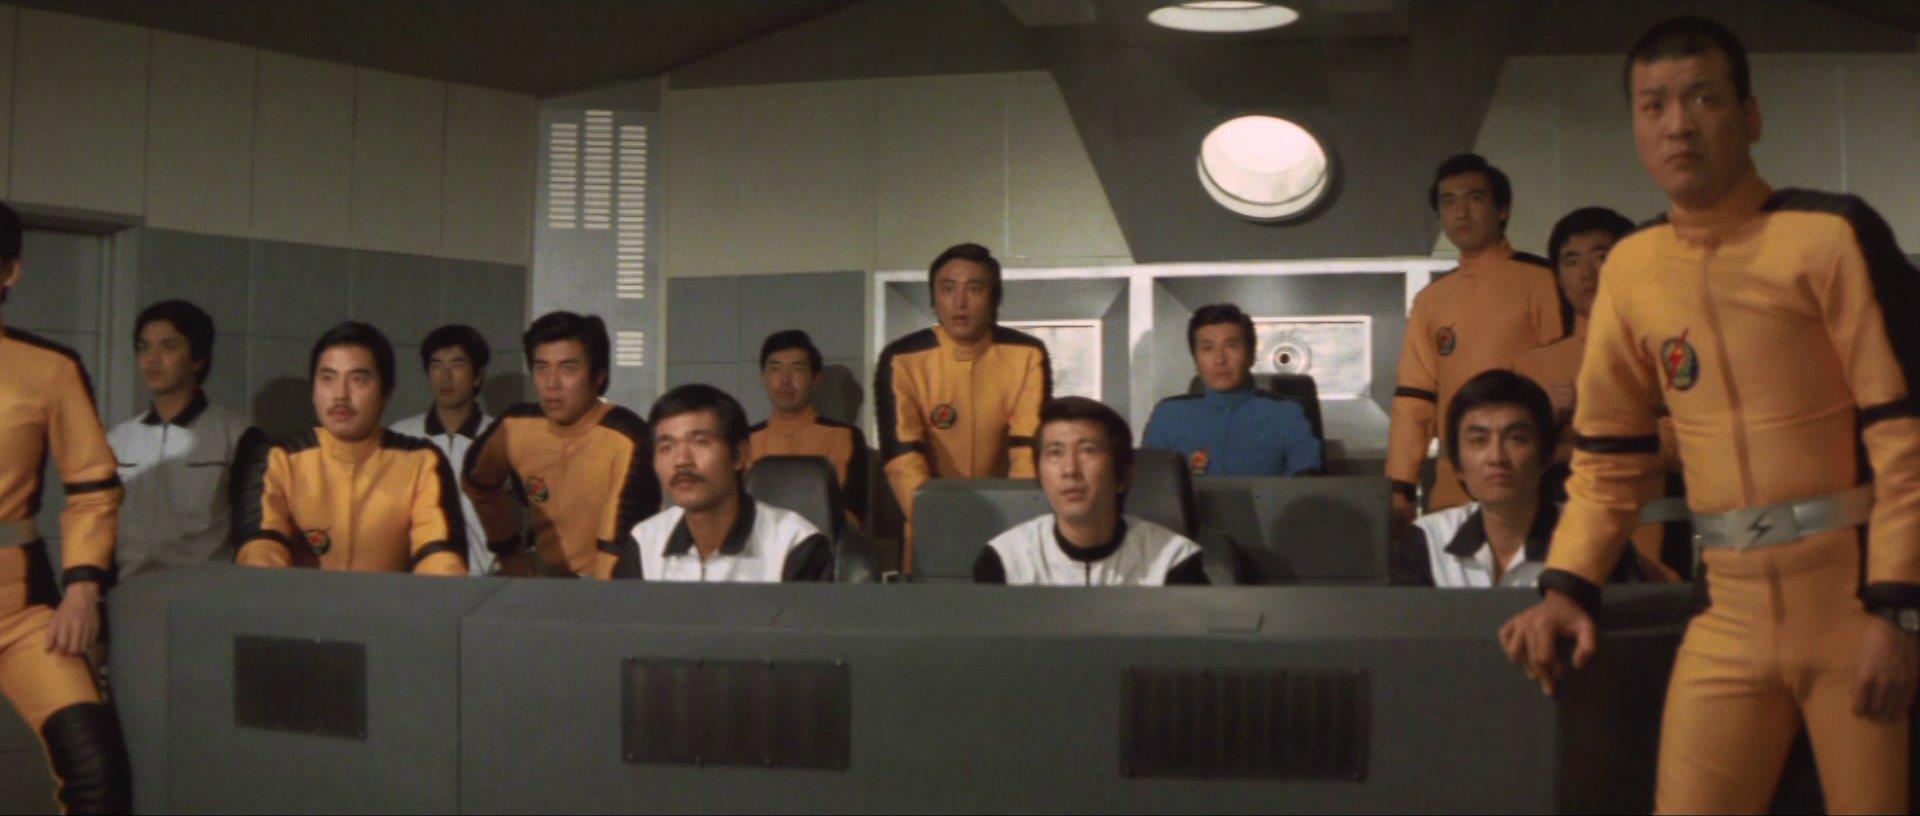 『惑星大戦争』『スタートレック』風艦橋